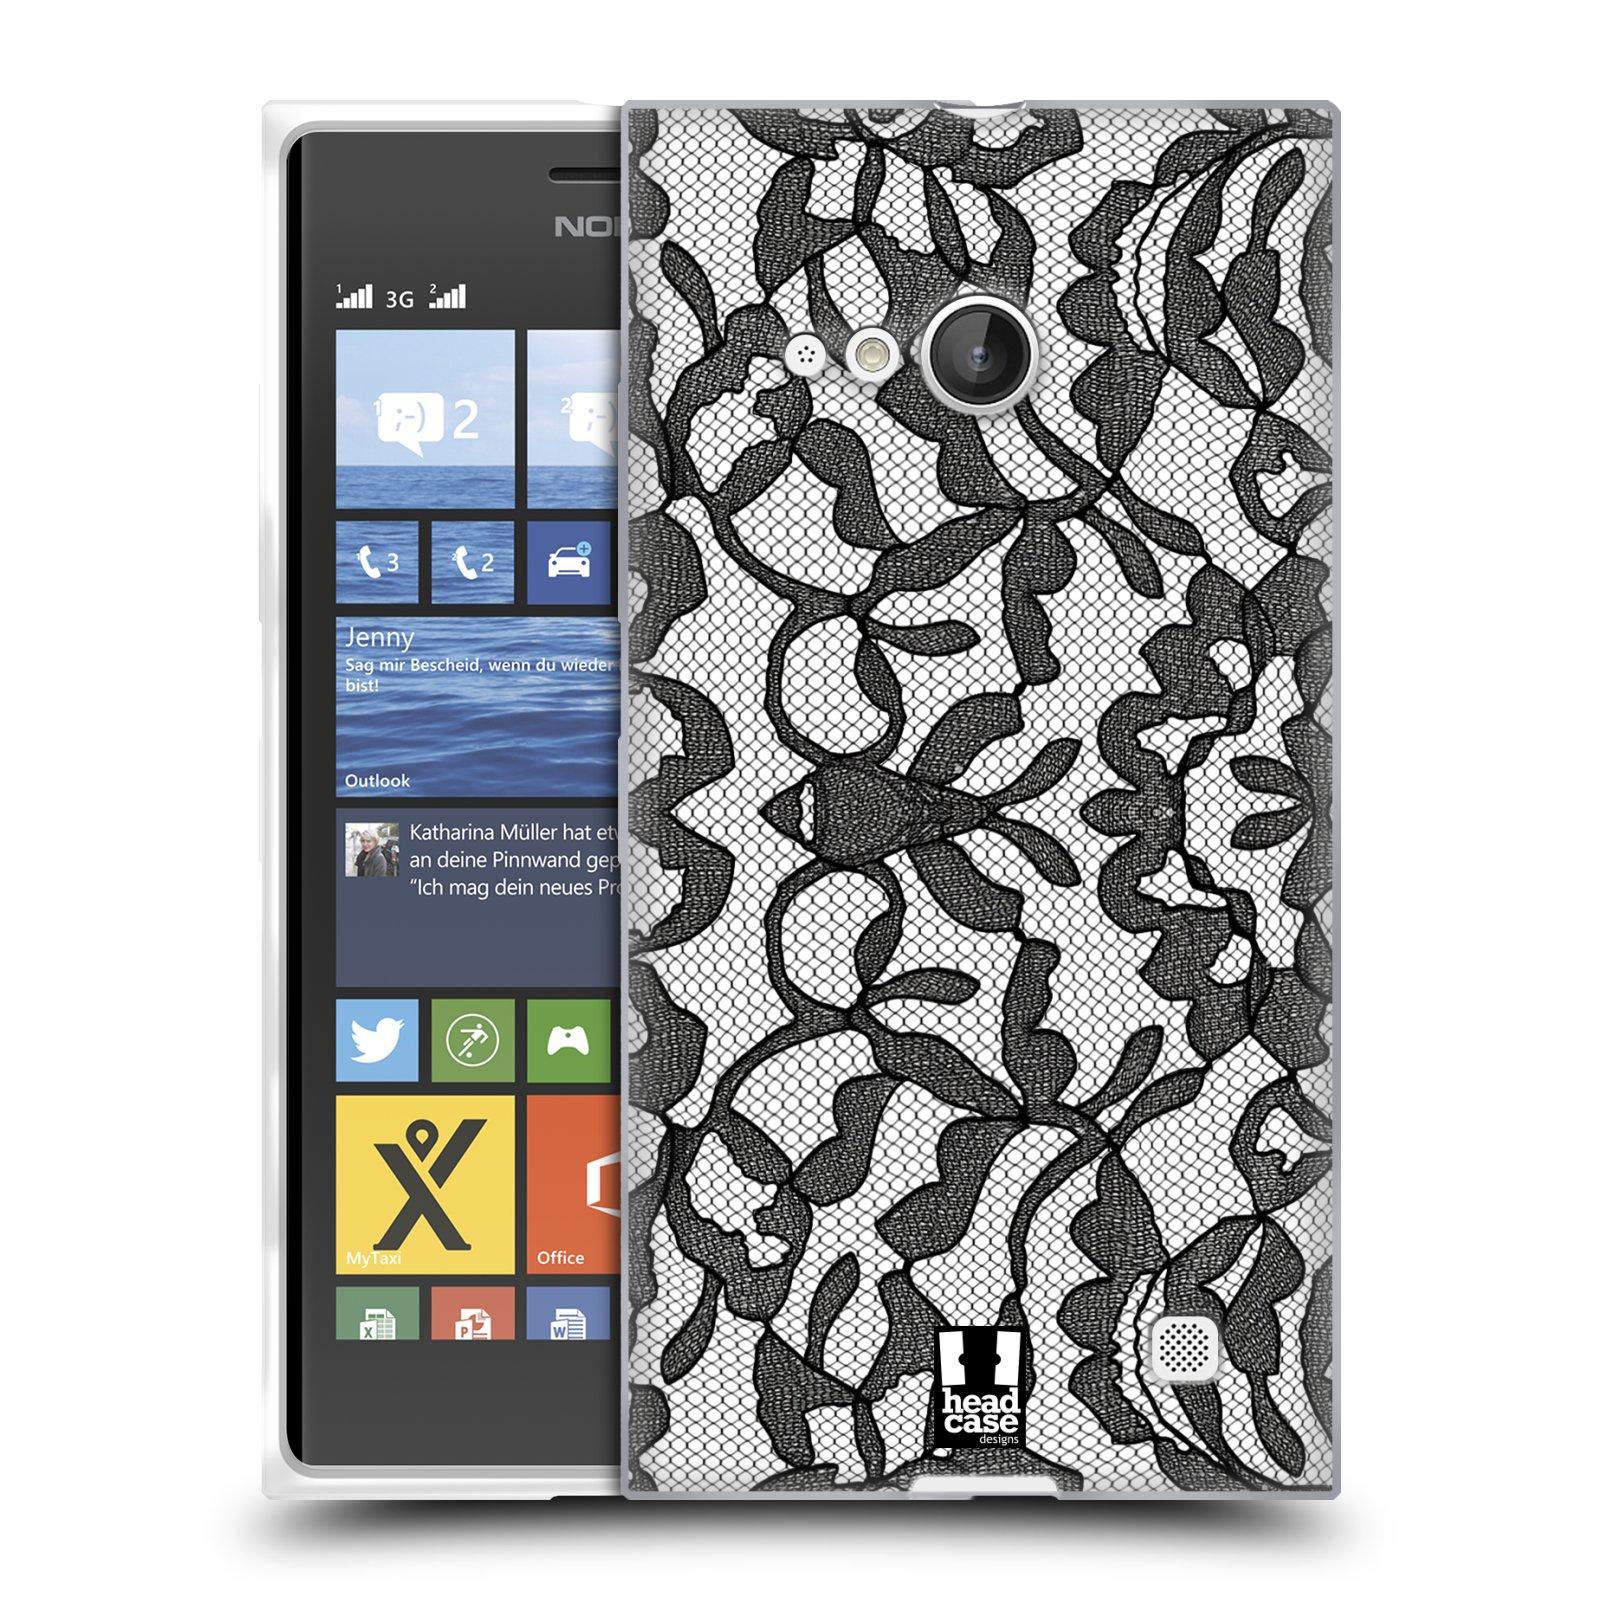 Silikonové pouzdro na mobil Nokia Lumia 730 Dual SIM HEAD CASE LEAFY KRAJKA (Silikonový kryt či obal na mobilní telefon Nokia Lumia 730 Dual SIM)